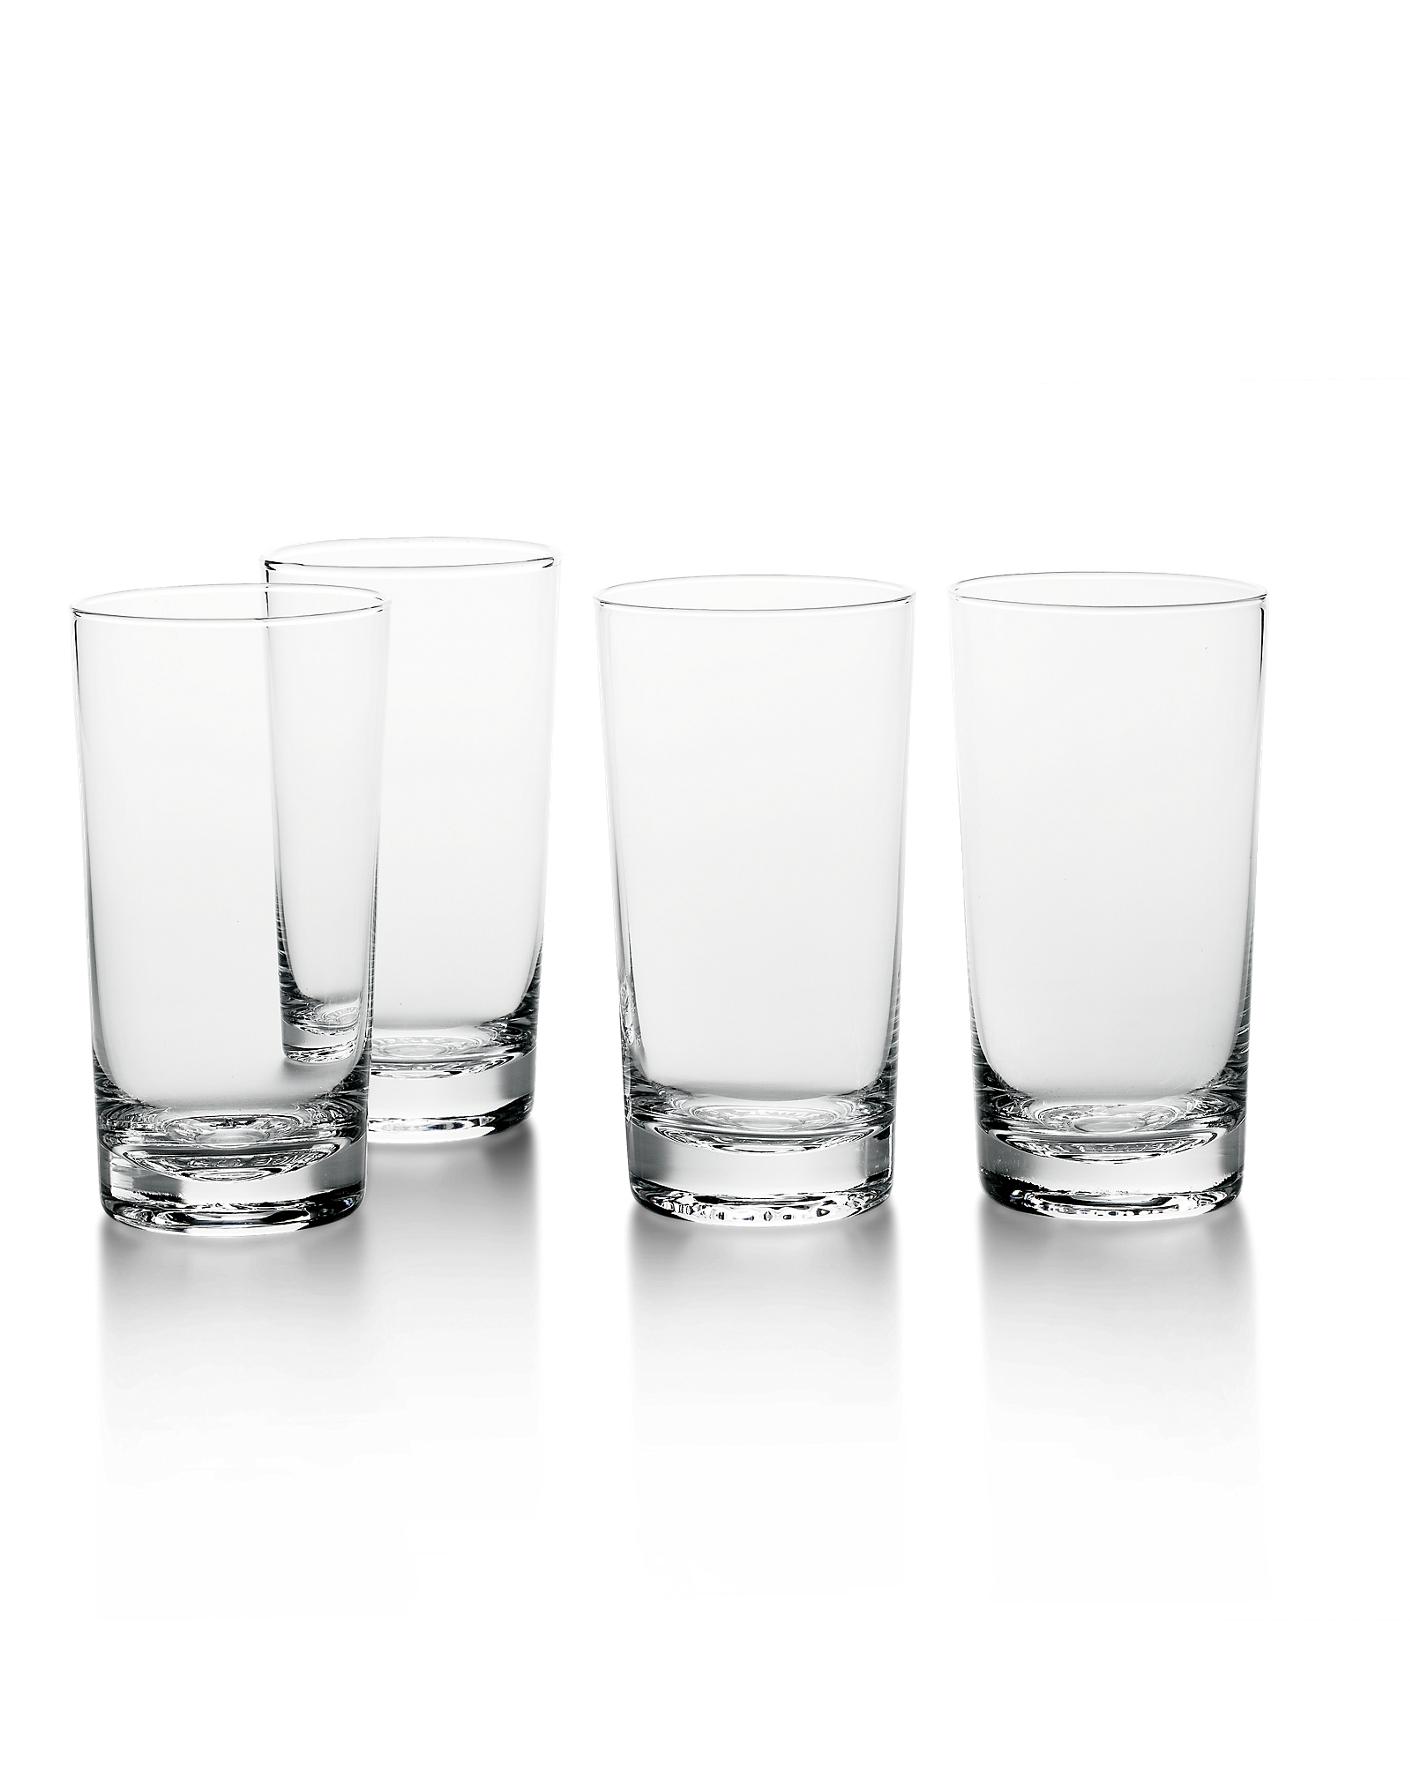 glassware cocktail glasses  glassware sets  ralph lauren - rl ' iced tea glass set  ralph lauren home drinking glasses